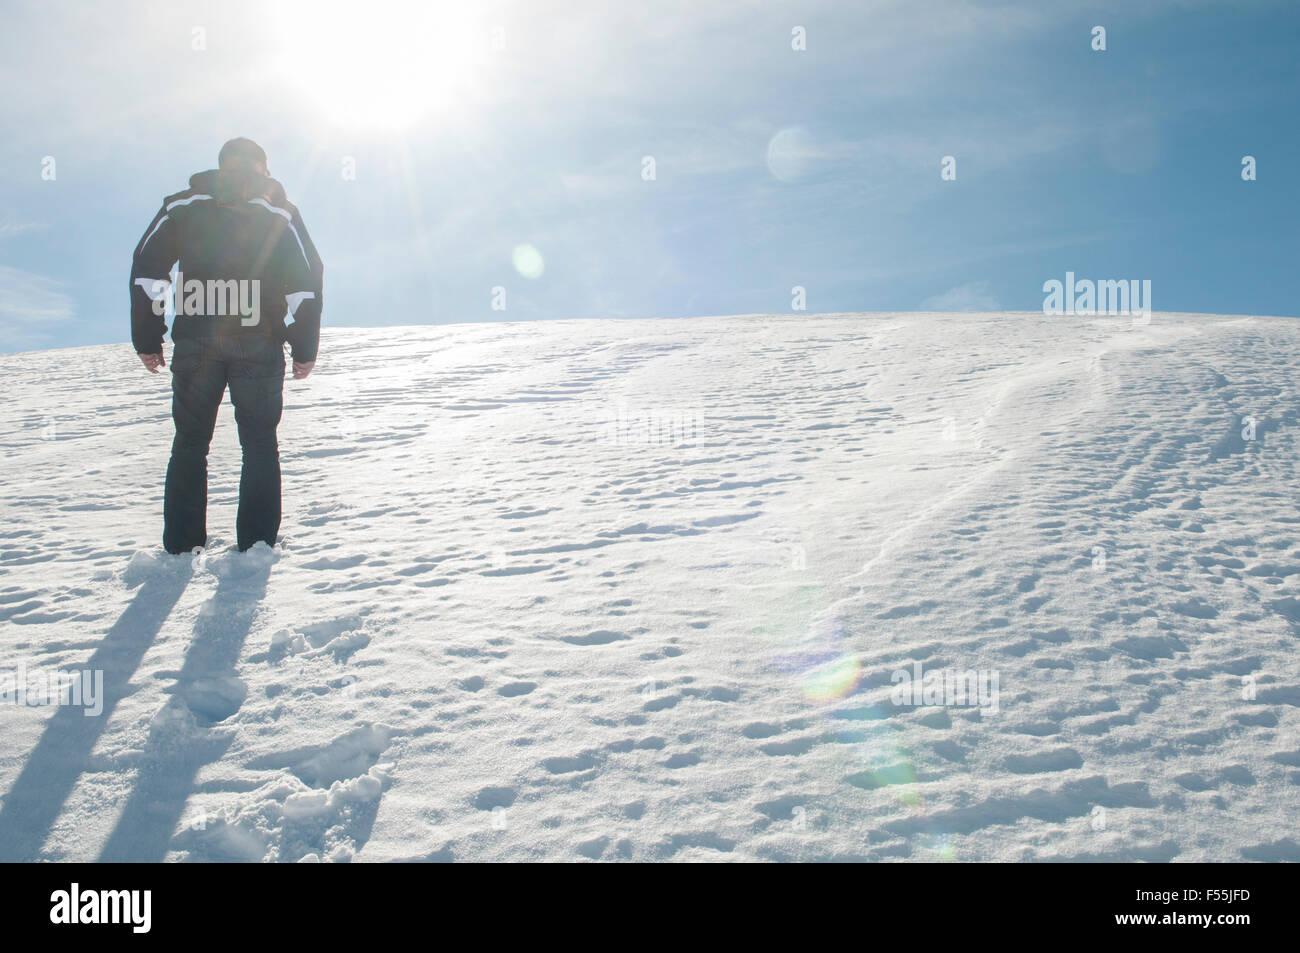 Hombre caminando arriba de una montaña cubierta de nieve Faraya Kesrwan Líbano Oriente Medio Imagen De Stock